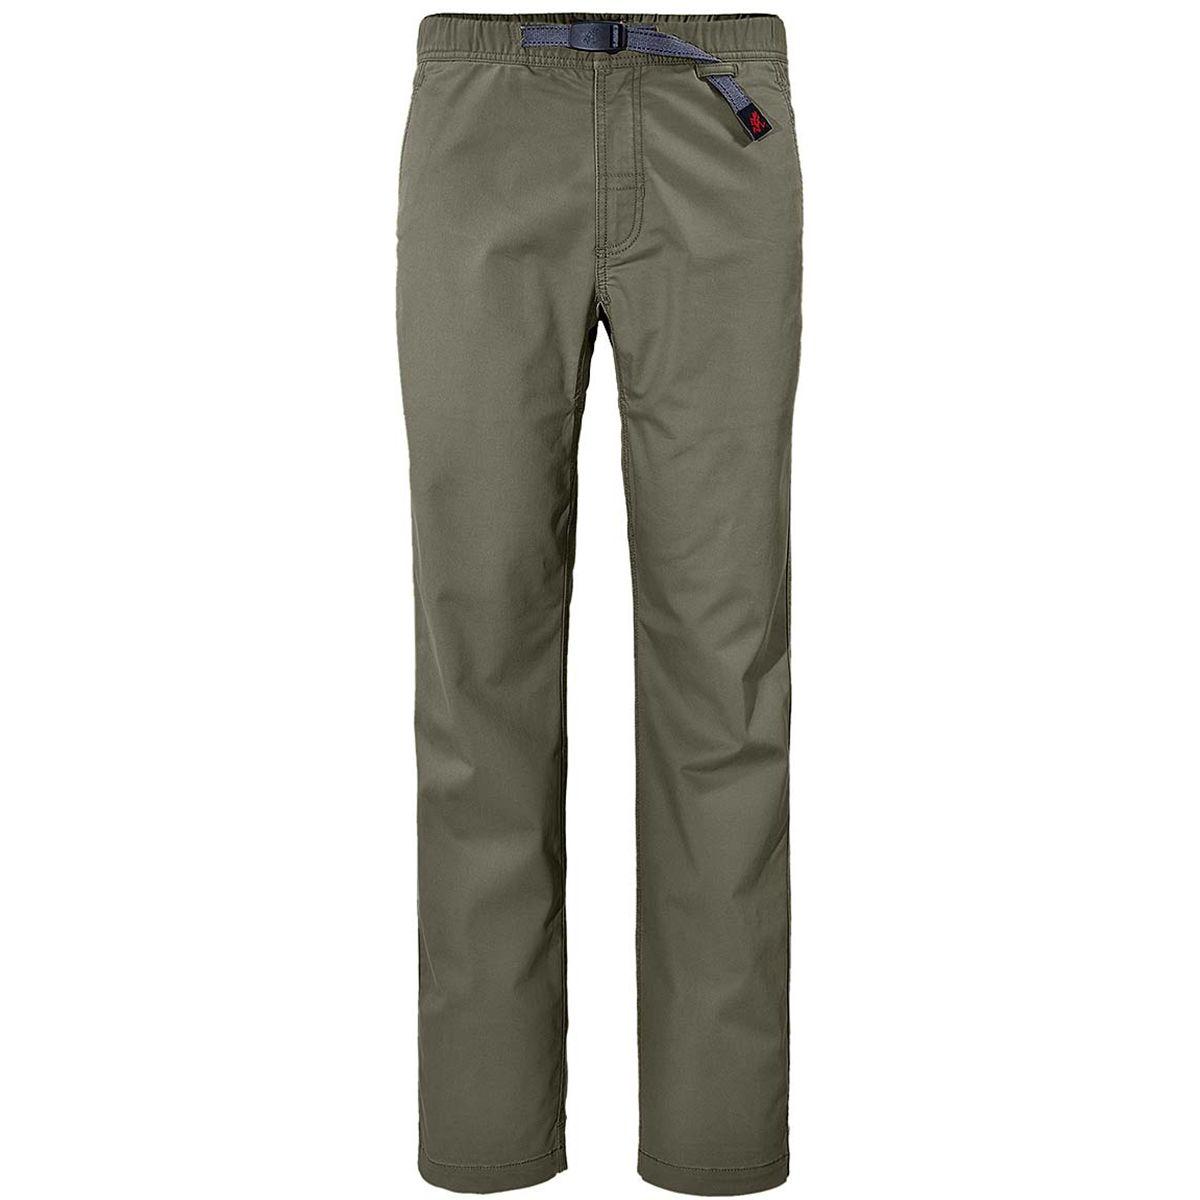 photo: Gramicci Men's Original G Pant hiking pant